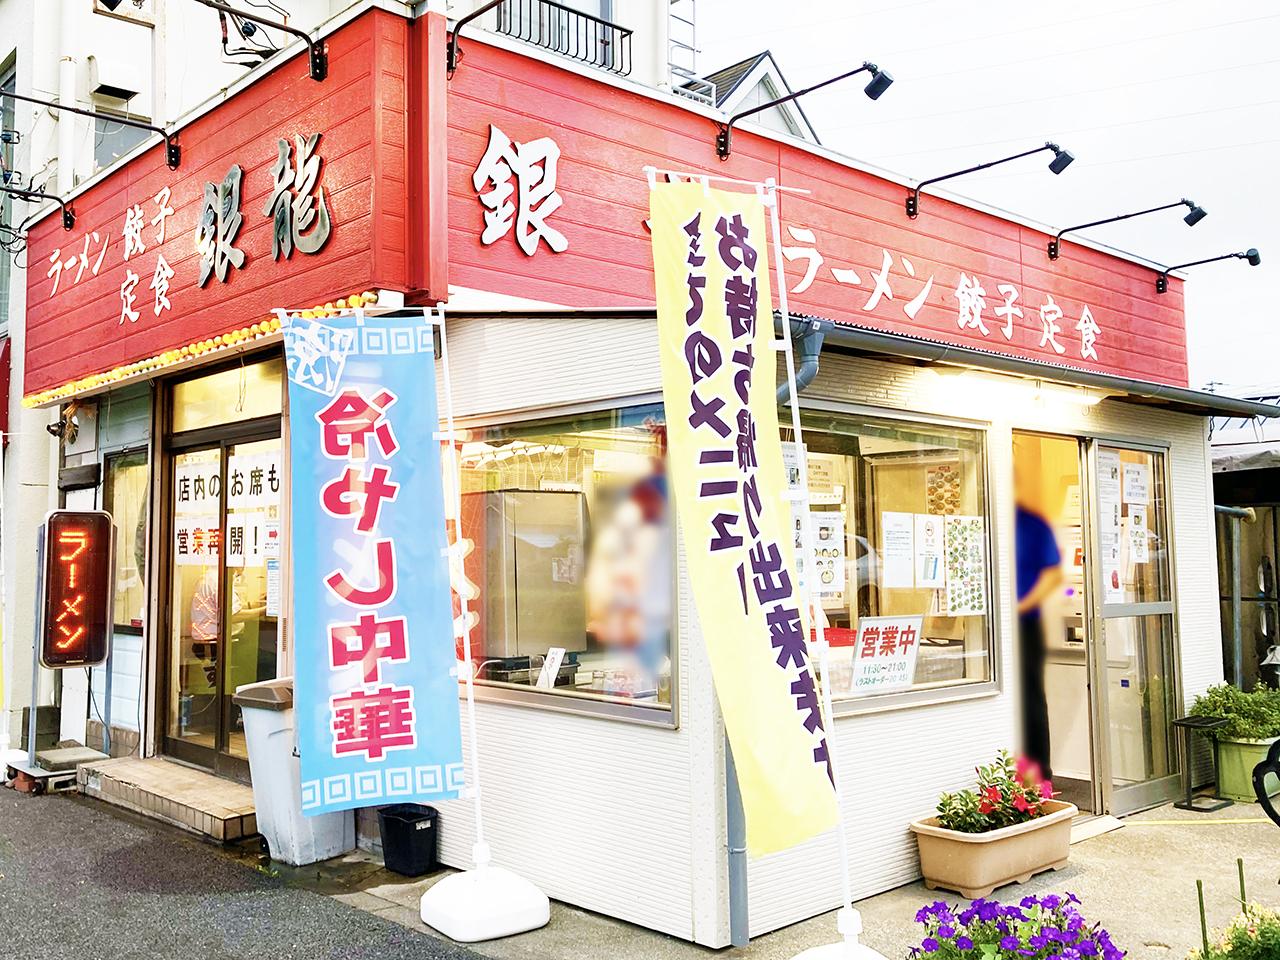 関戸の中華料理店『銀龍』で、今年も『冷やし中華』が始まりました